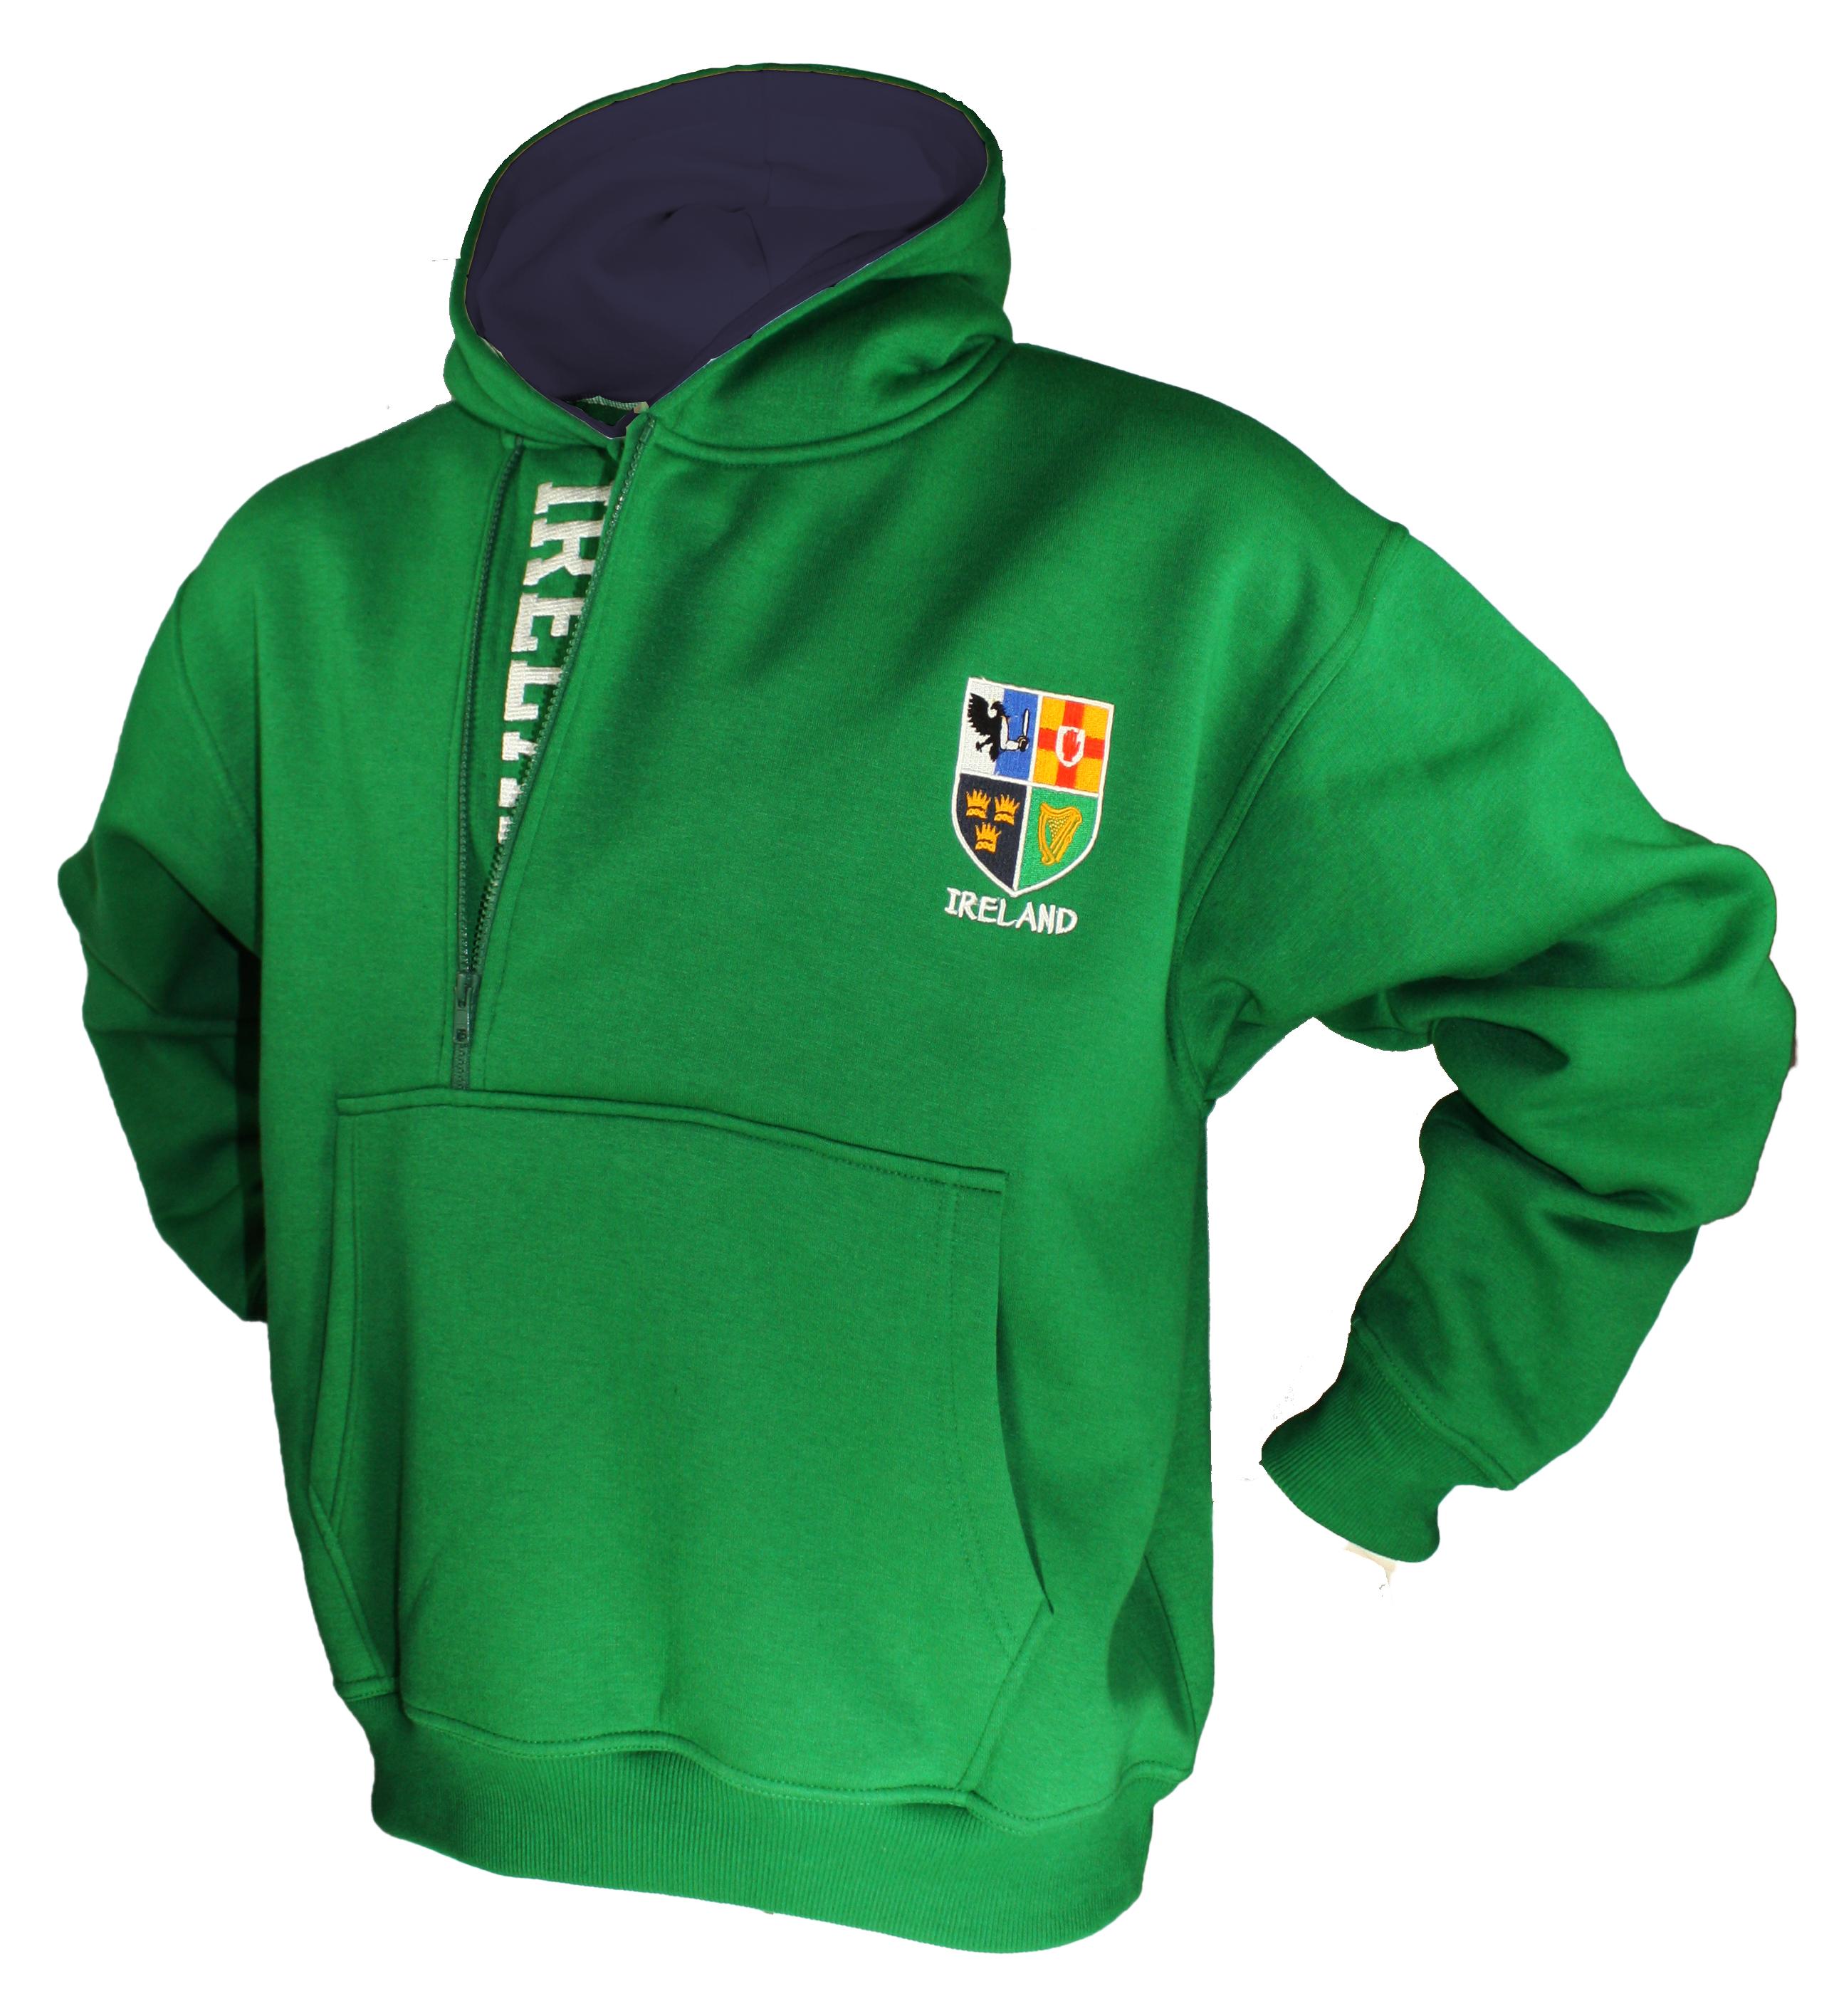 Men-039-s-Half-Zip-Hoodie-Pullover-Sweatshirt-Ireland-Navy-and-Green thumbnail 15